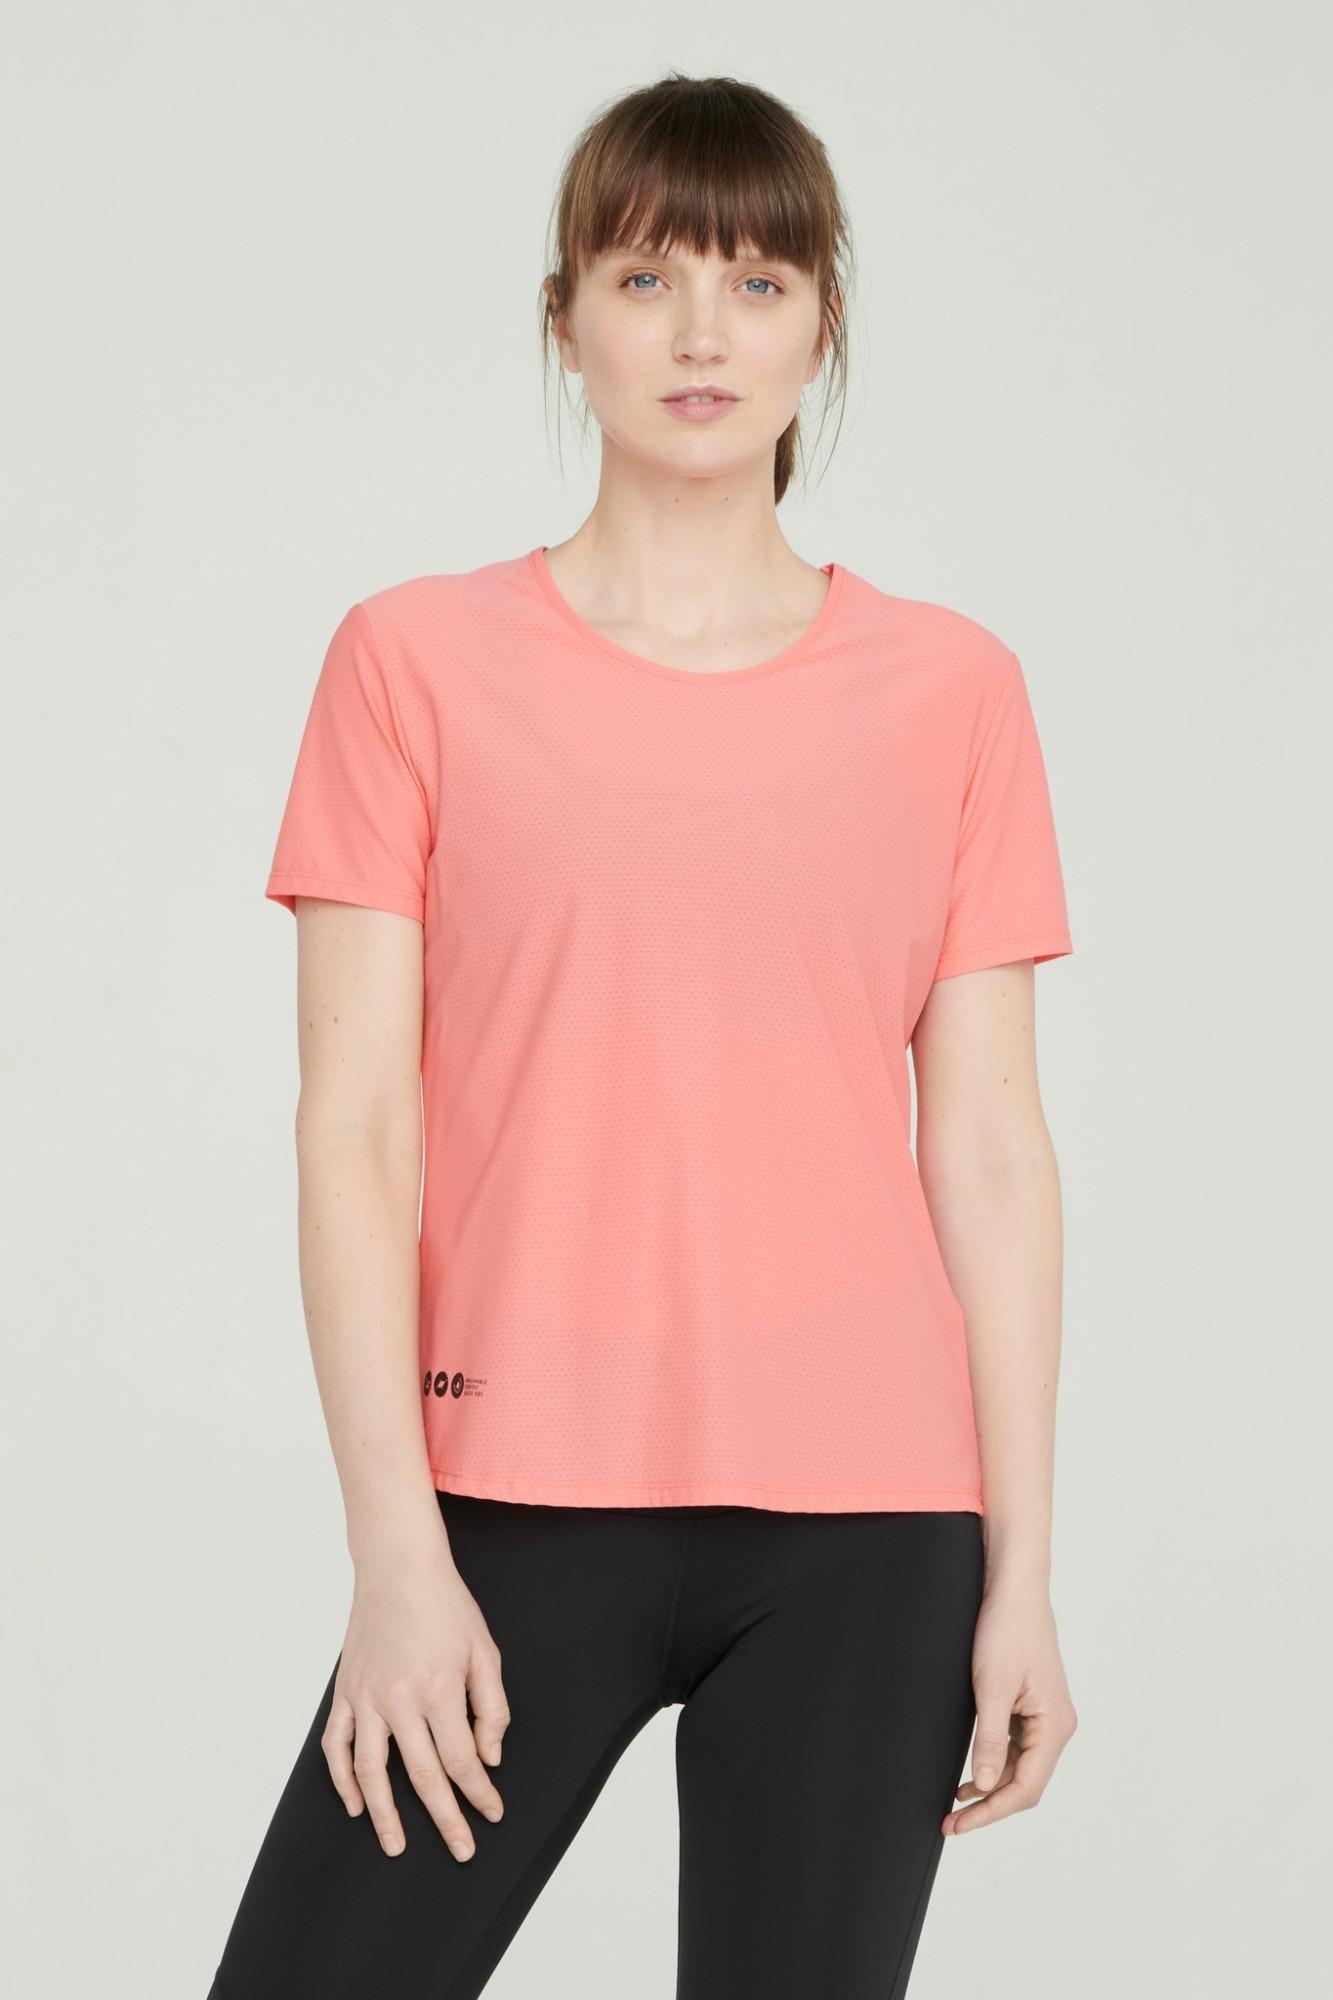 AUDIMAS Lengvi funkcionalūs marškinėliai 2111-051 Sunkist Coral XL